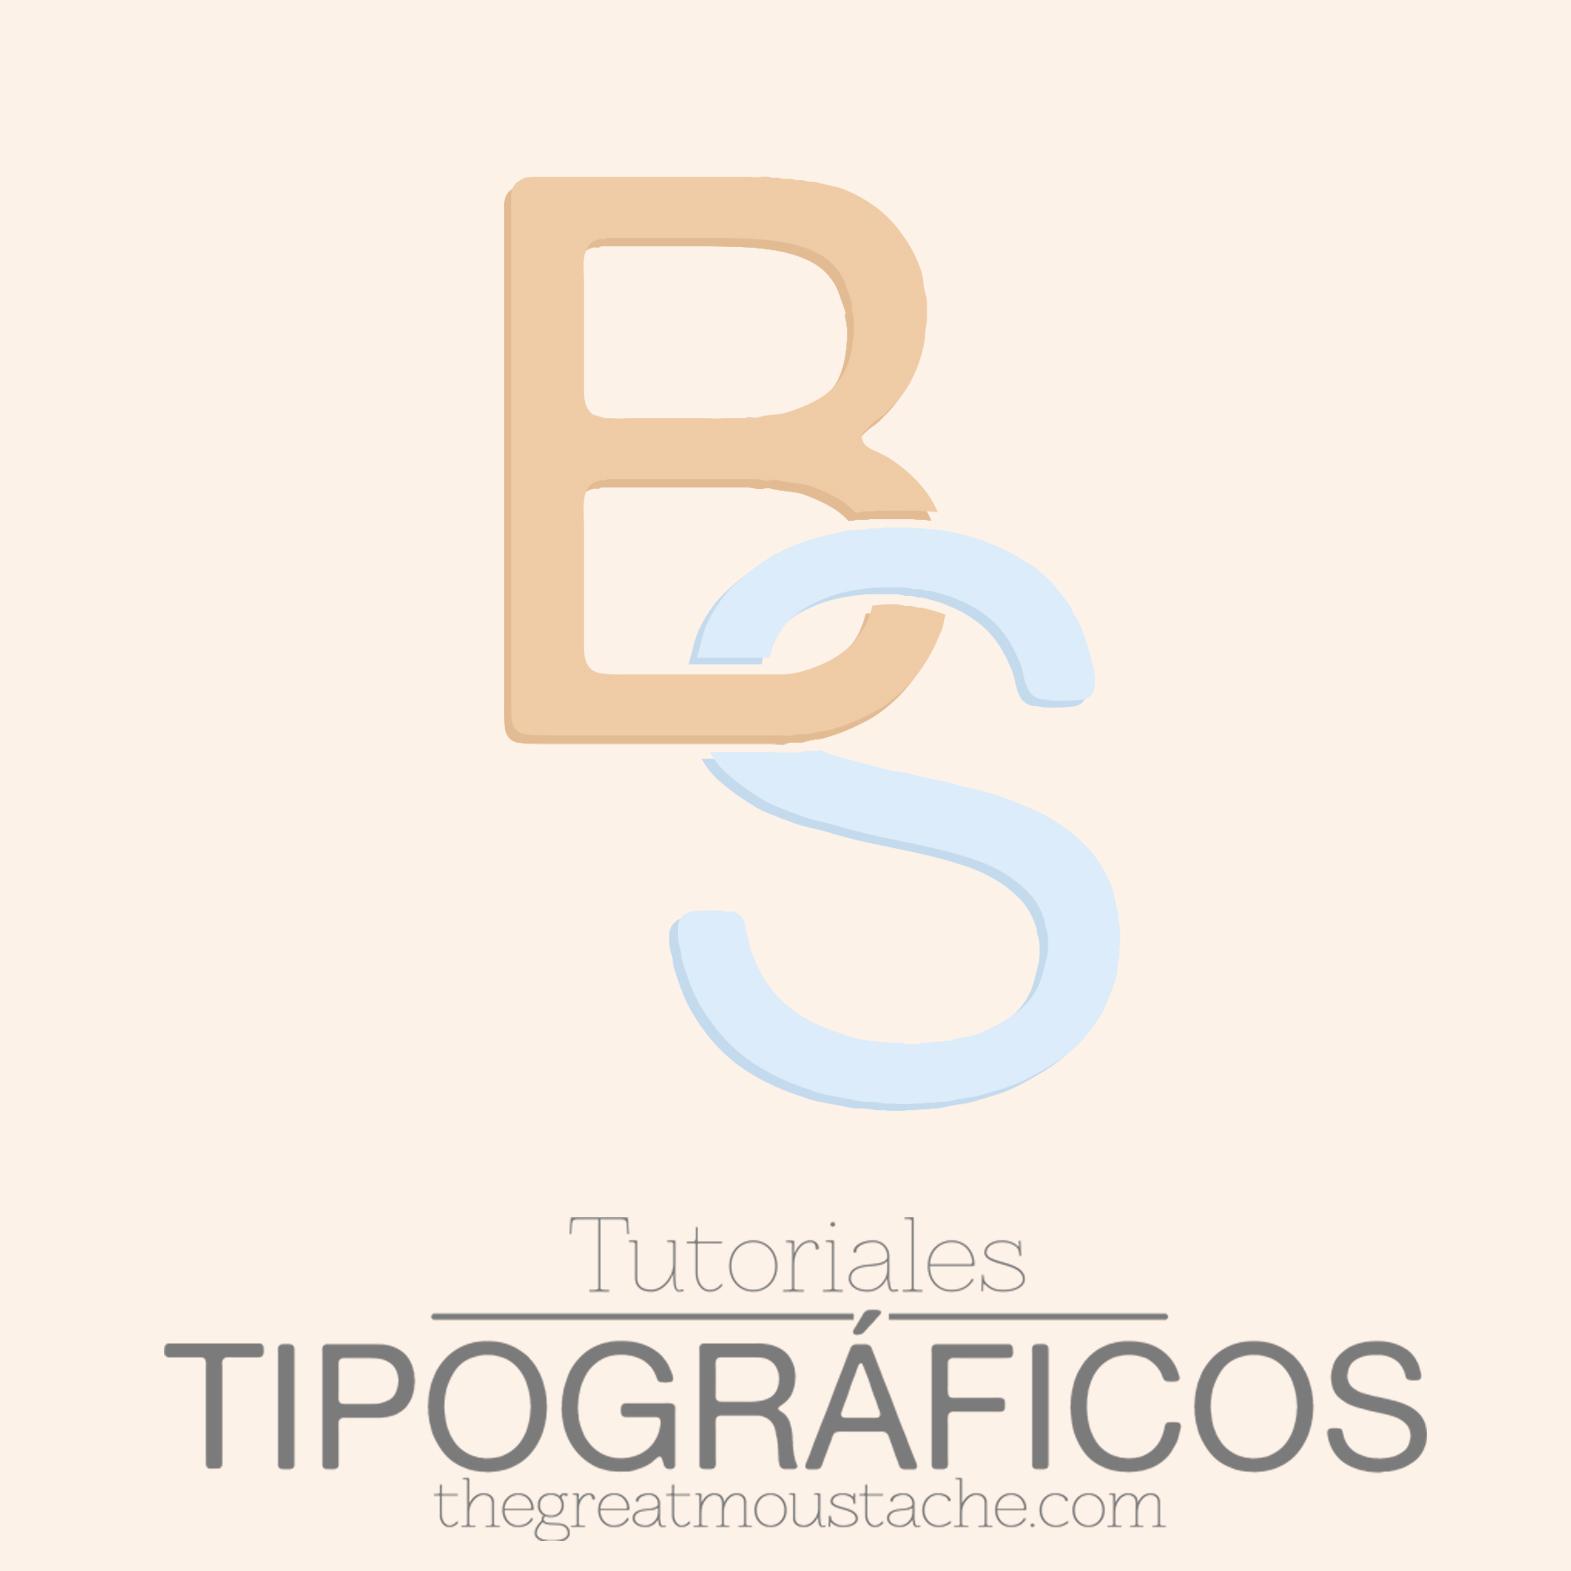 TUTORIALES THEGREATMOUSTACHE 2 - LETRAS ENTRELAZADAS